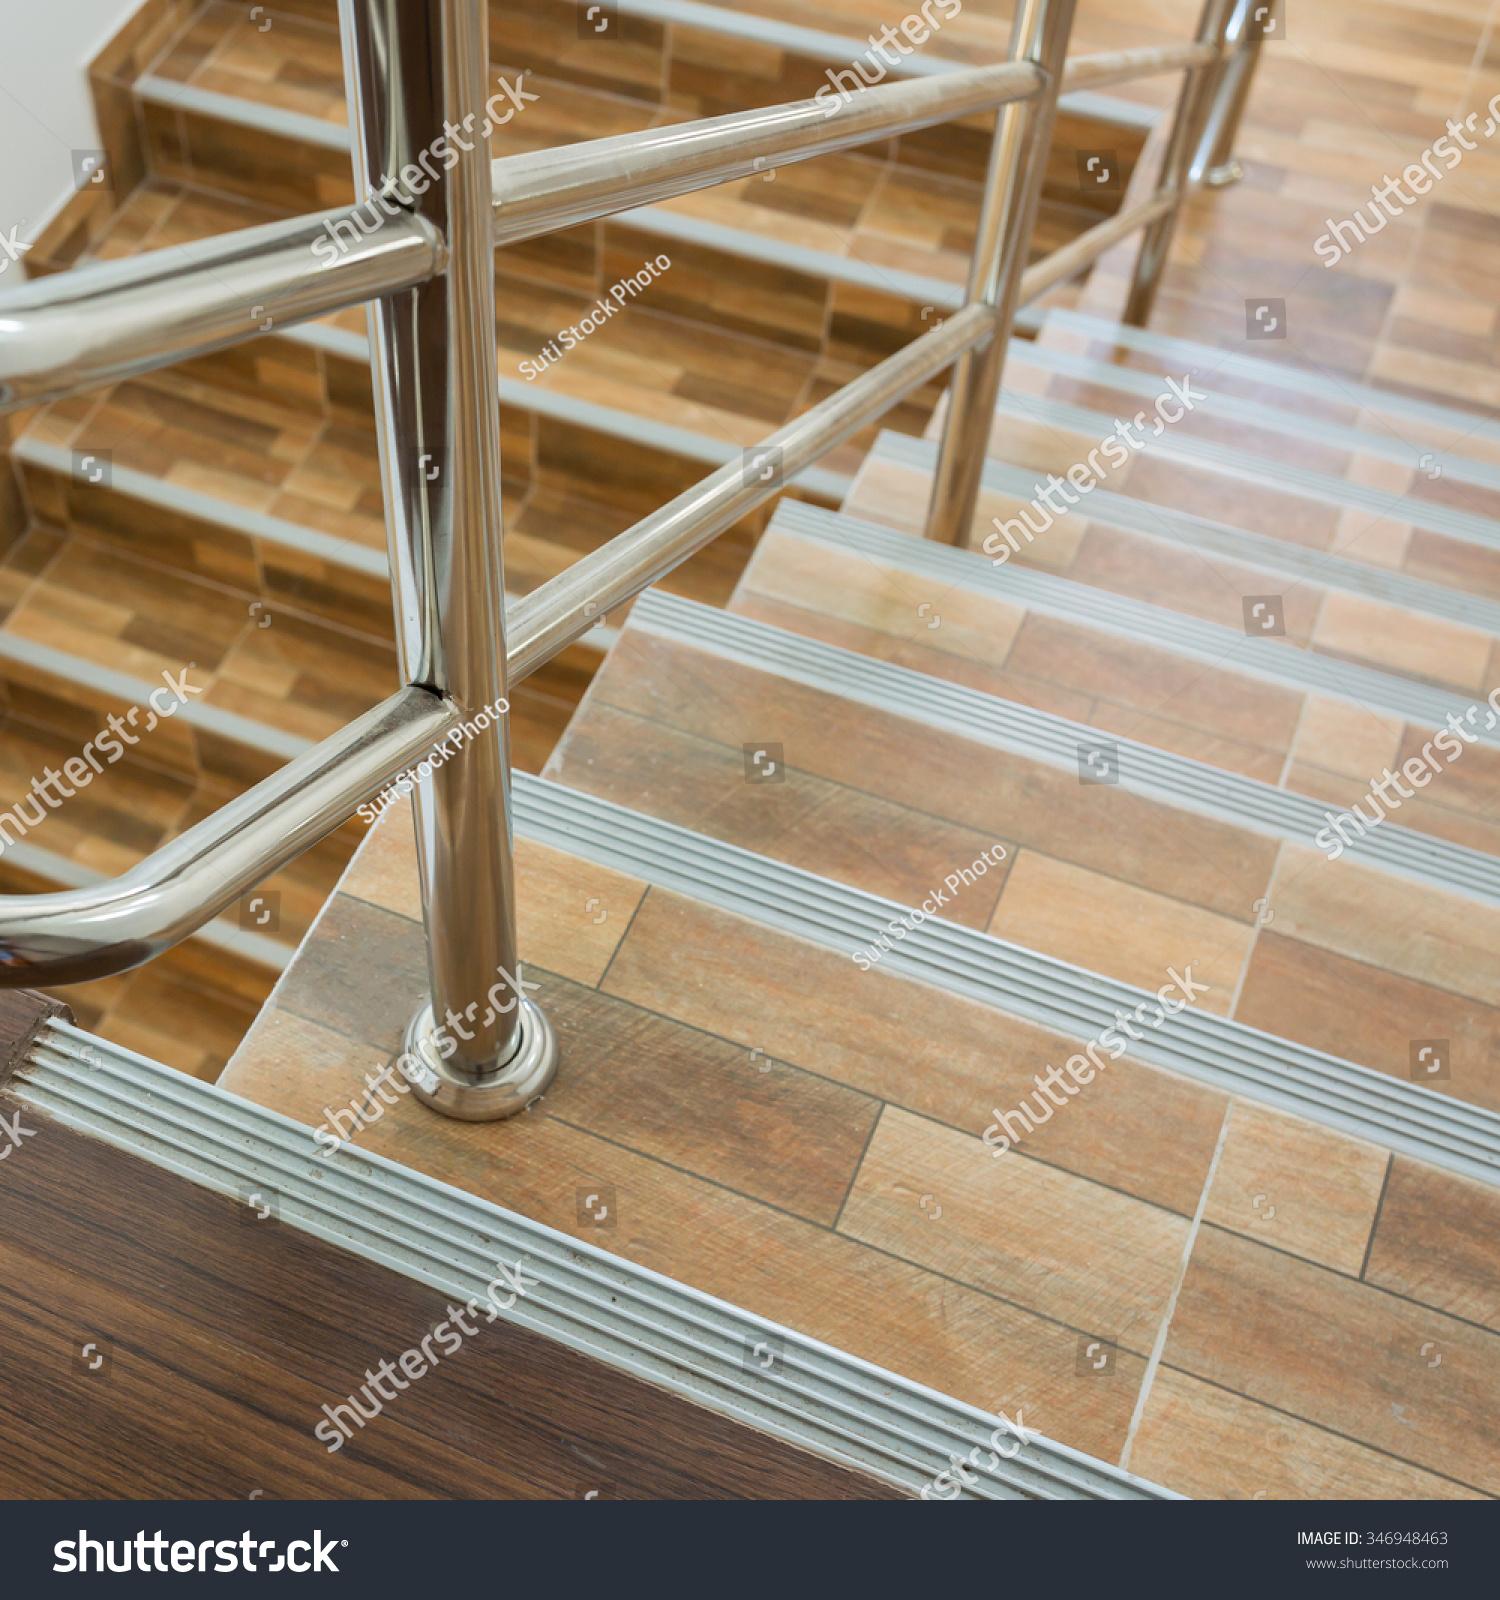 Steel floor tiles